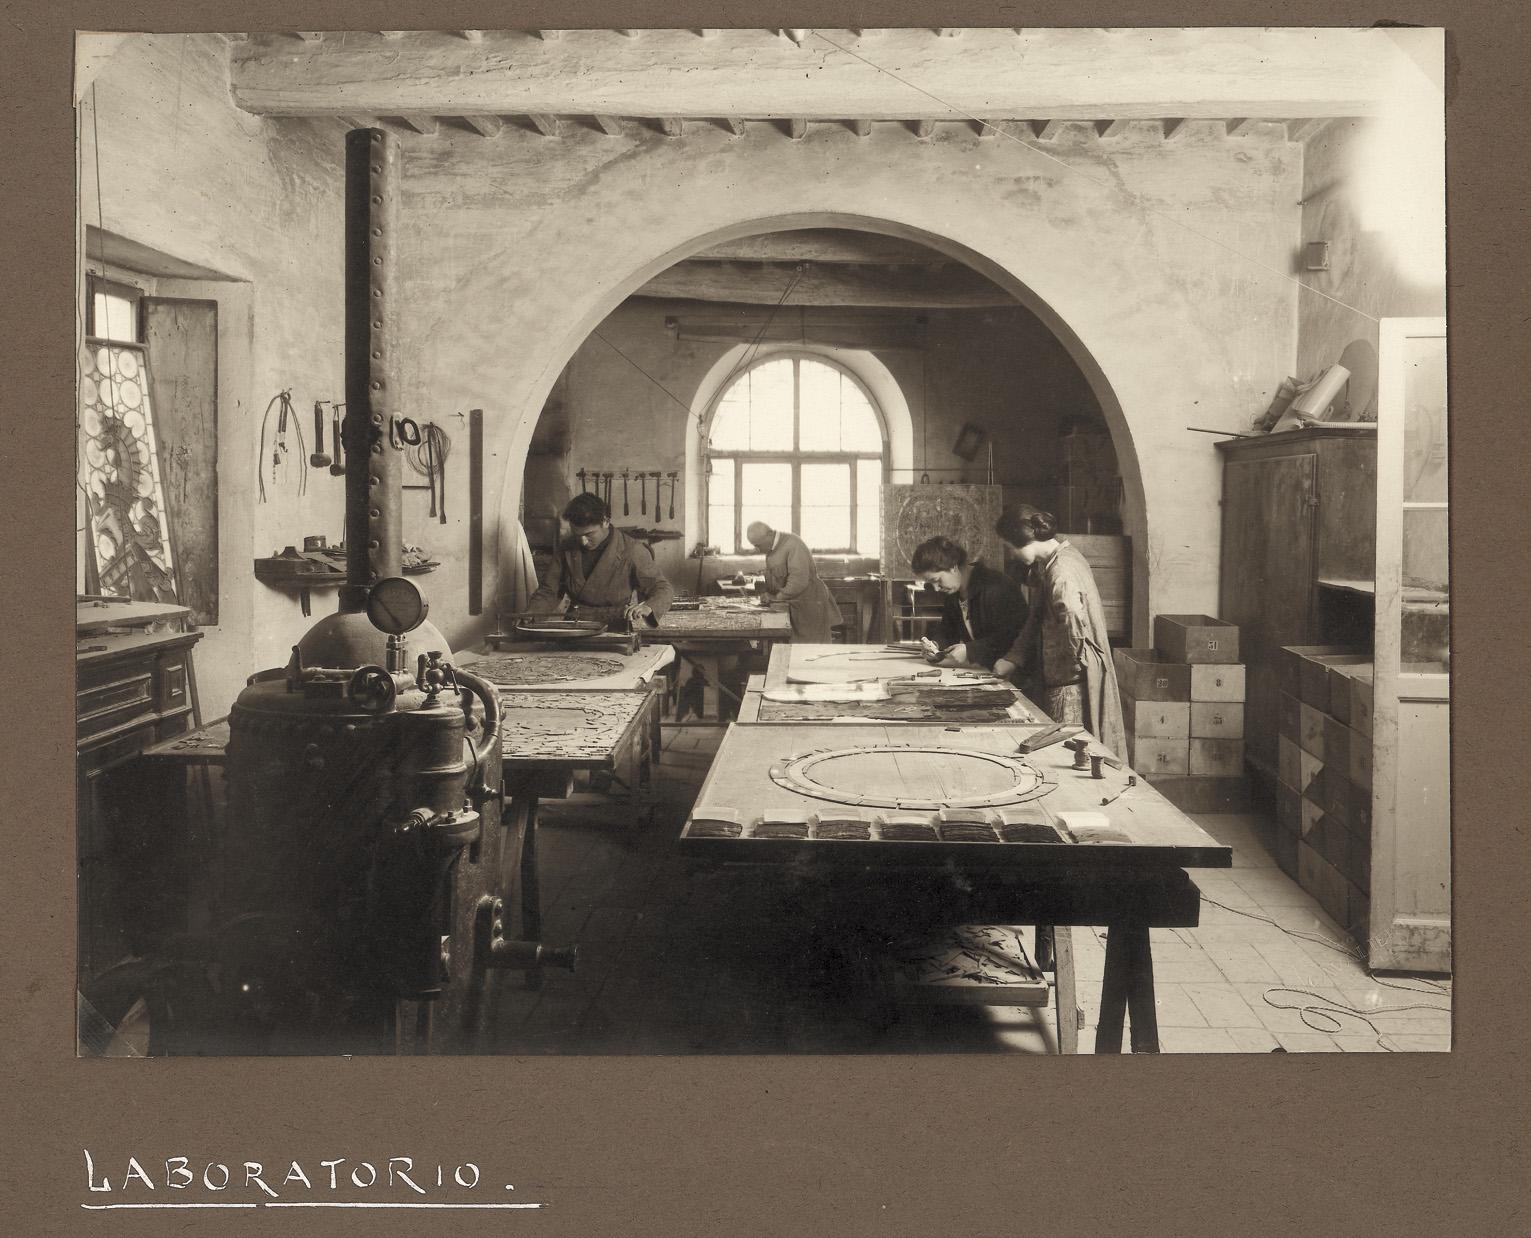 Laboratorio dello studio - archivio SMC